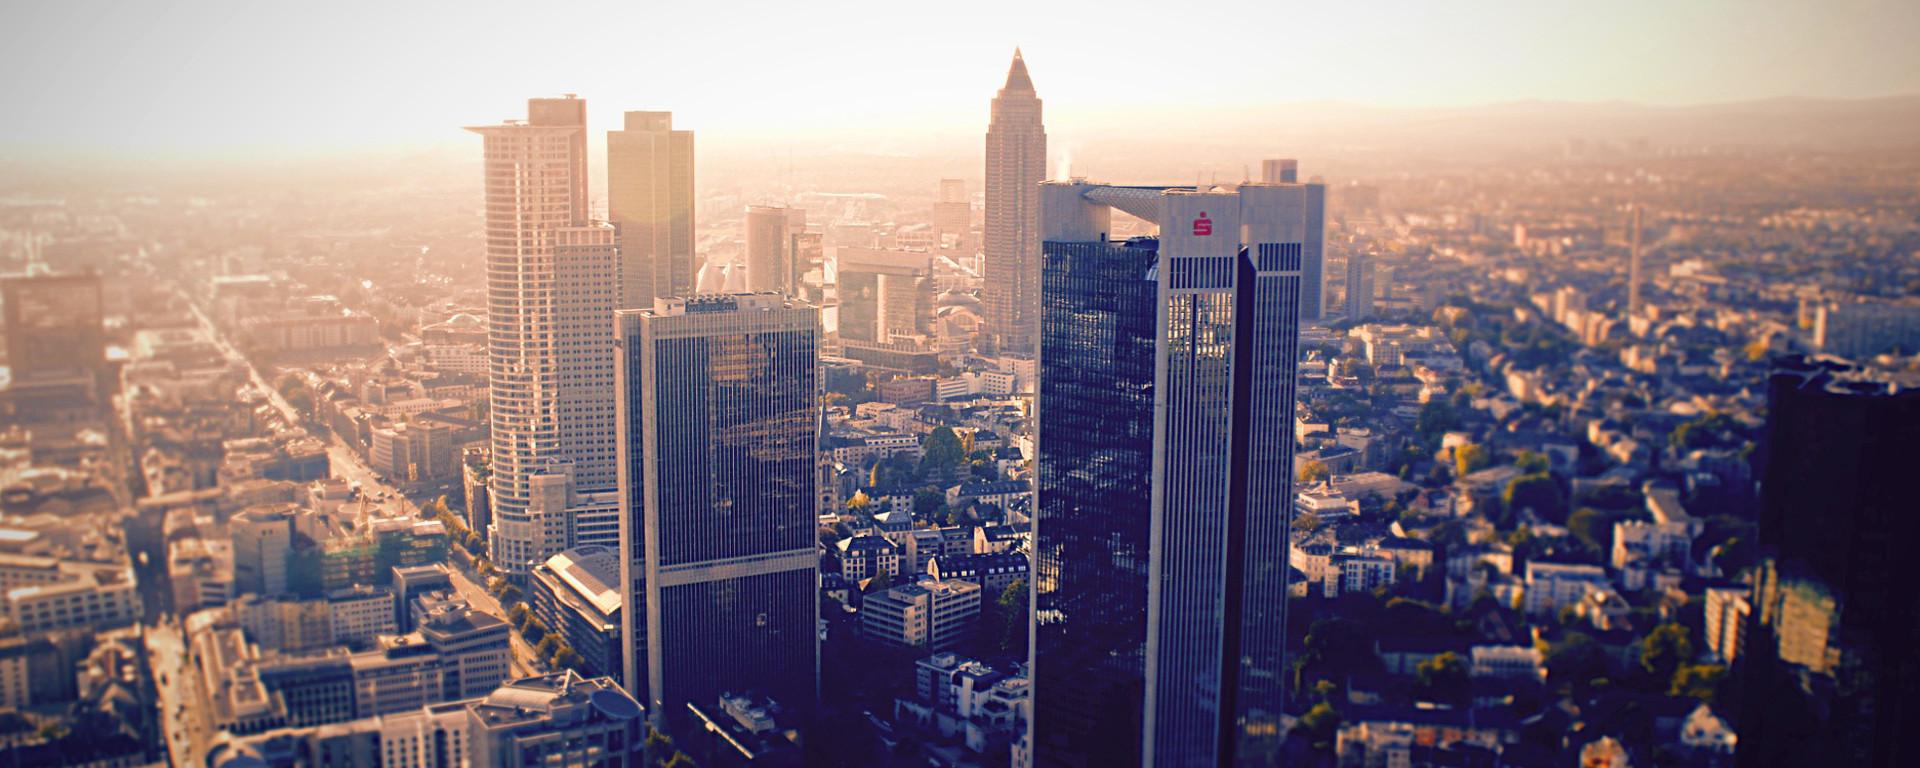 Entdecke Frankfurt am Main! Tipps vom SAVOY Hotel Frankfurt für Deine Sightseeing-Tour/ Sehenswürdigkeiten.